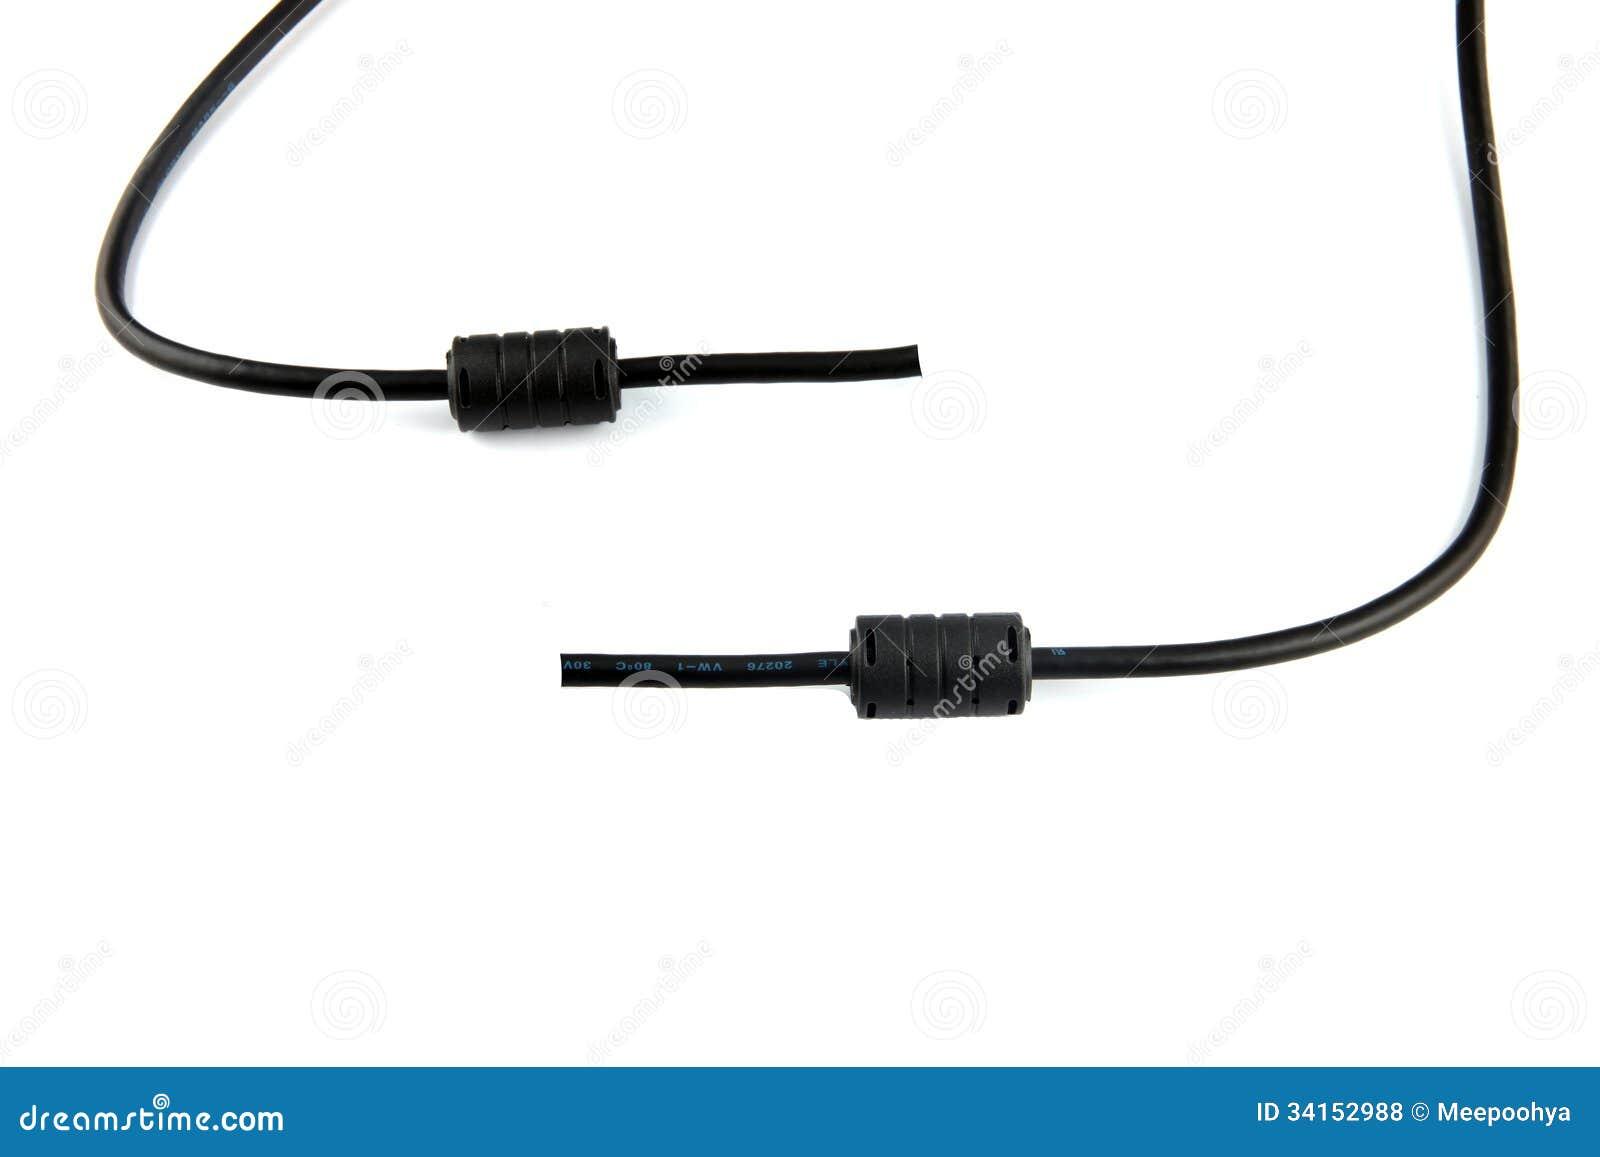 Schwarzes Kabel Benutzt, Um Den Computer Anzuschließen. Stockfoto ...